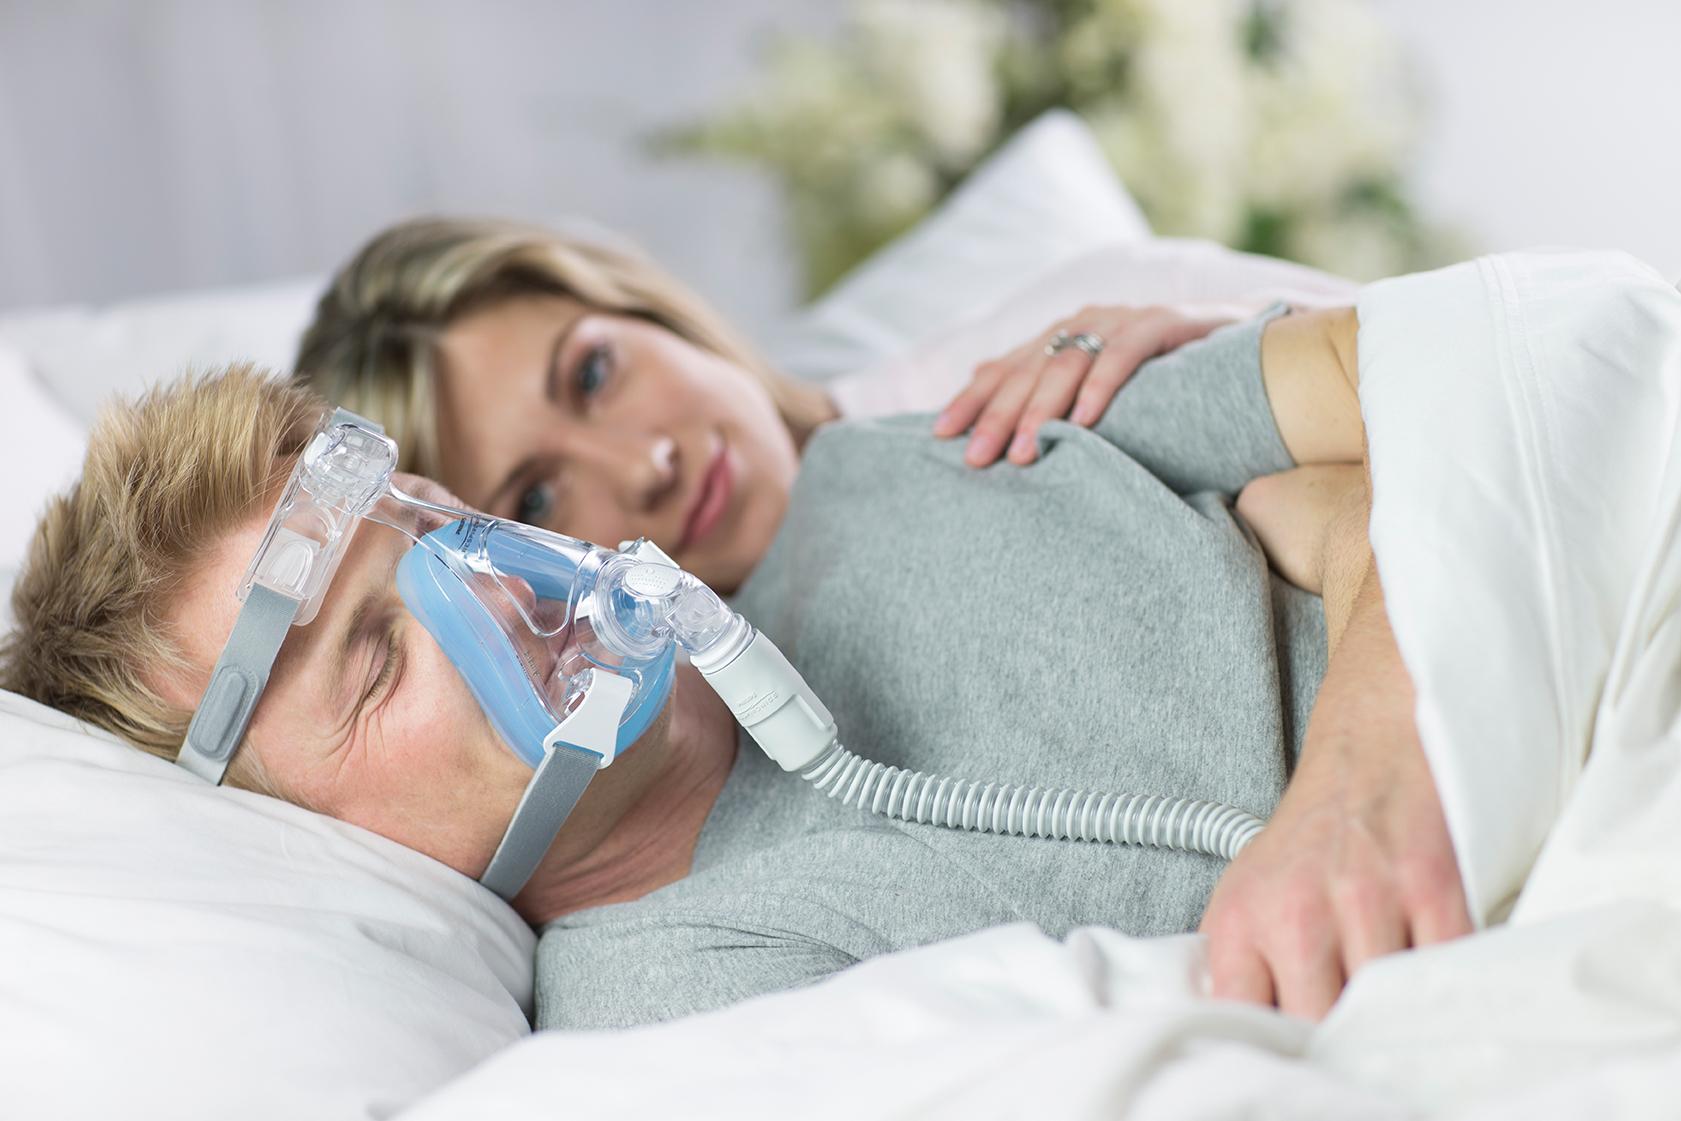 аппараты для СИПАП-терапии